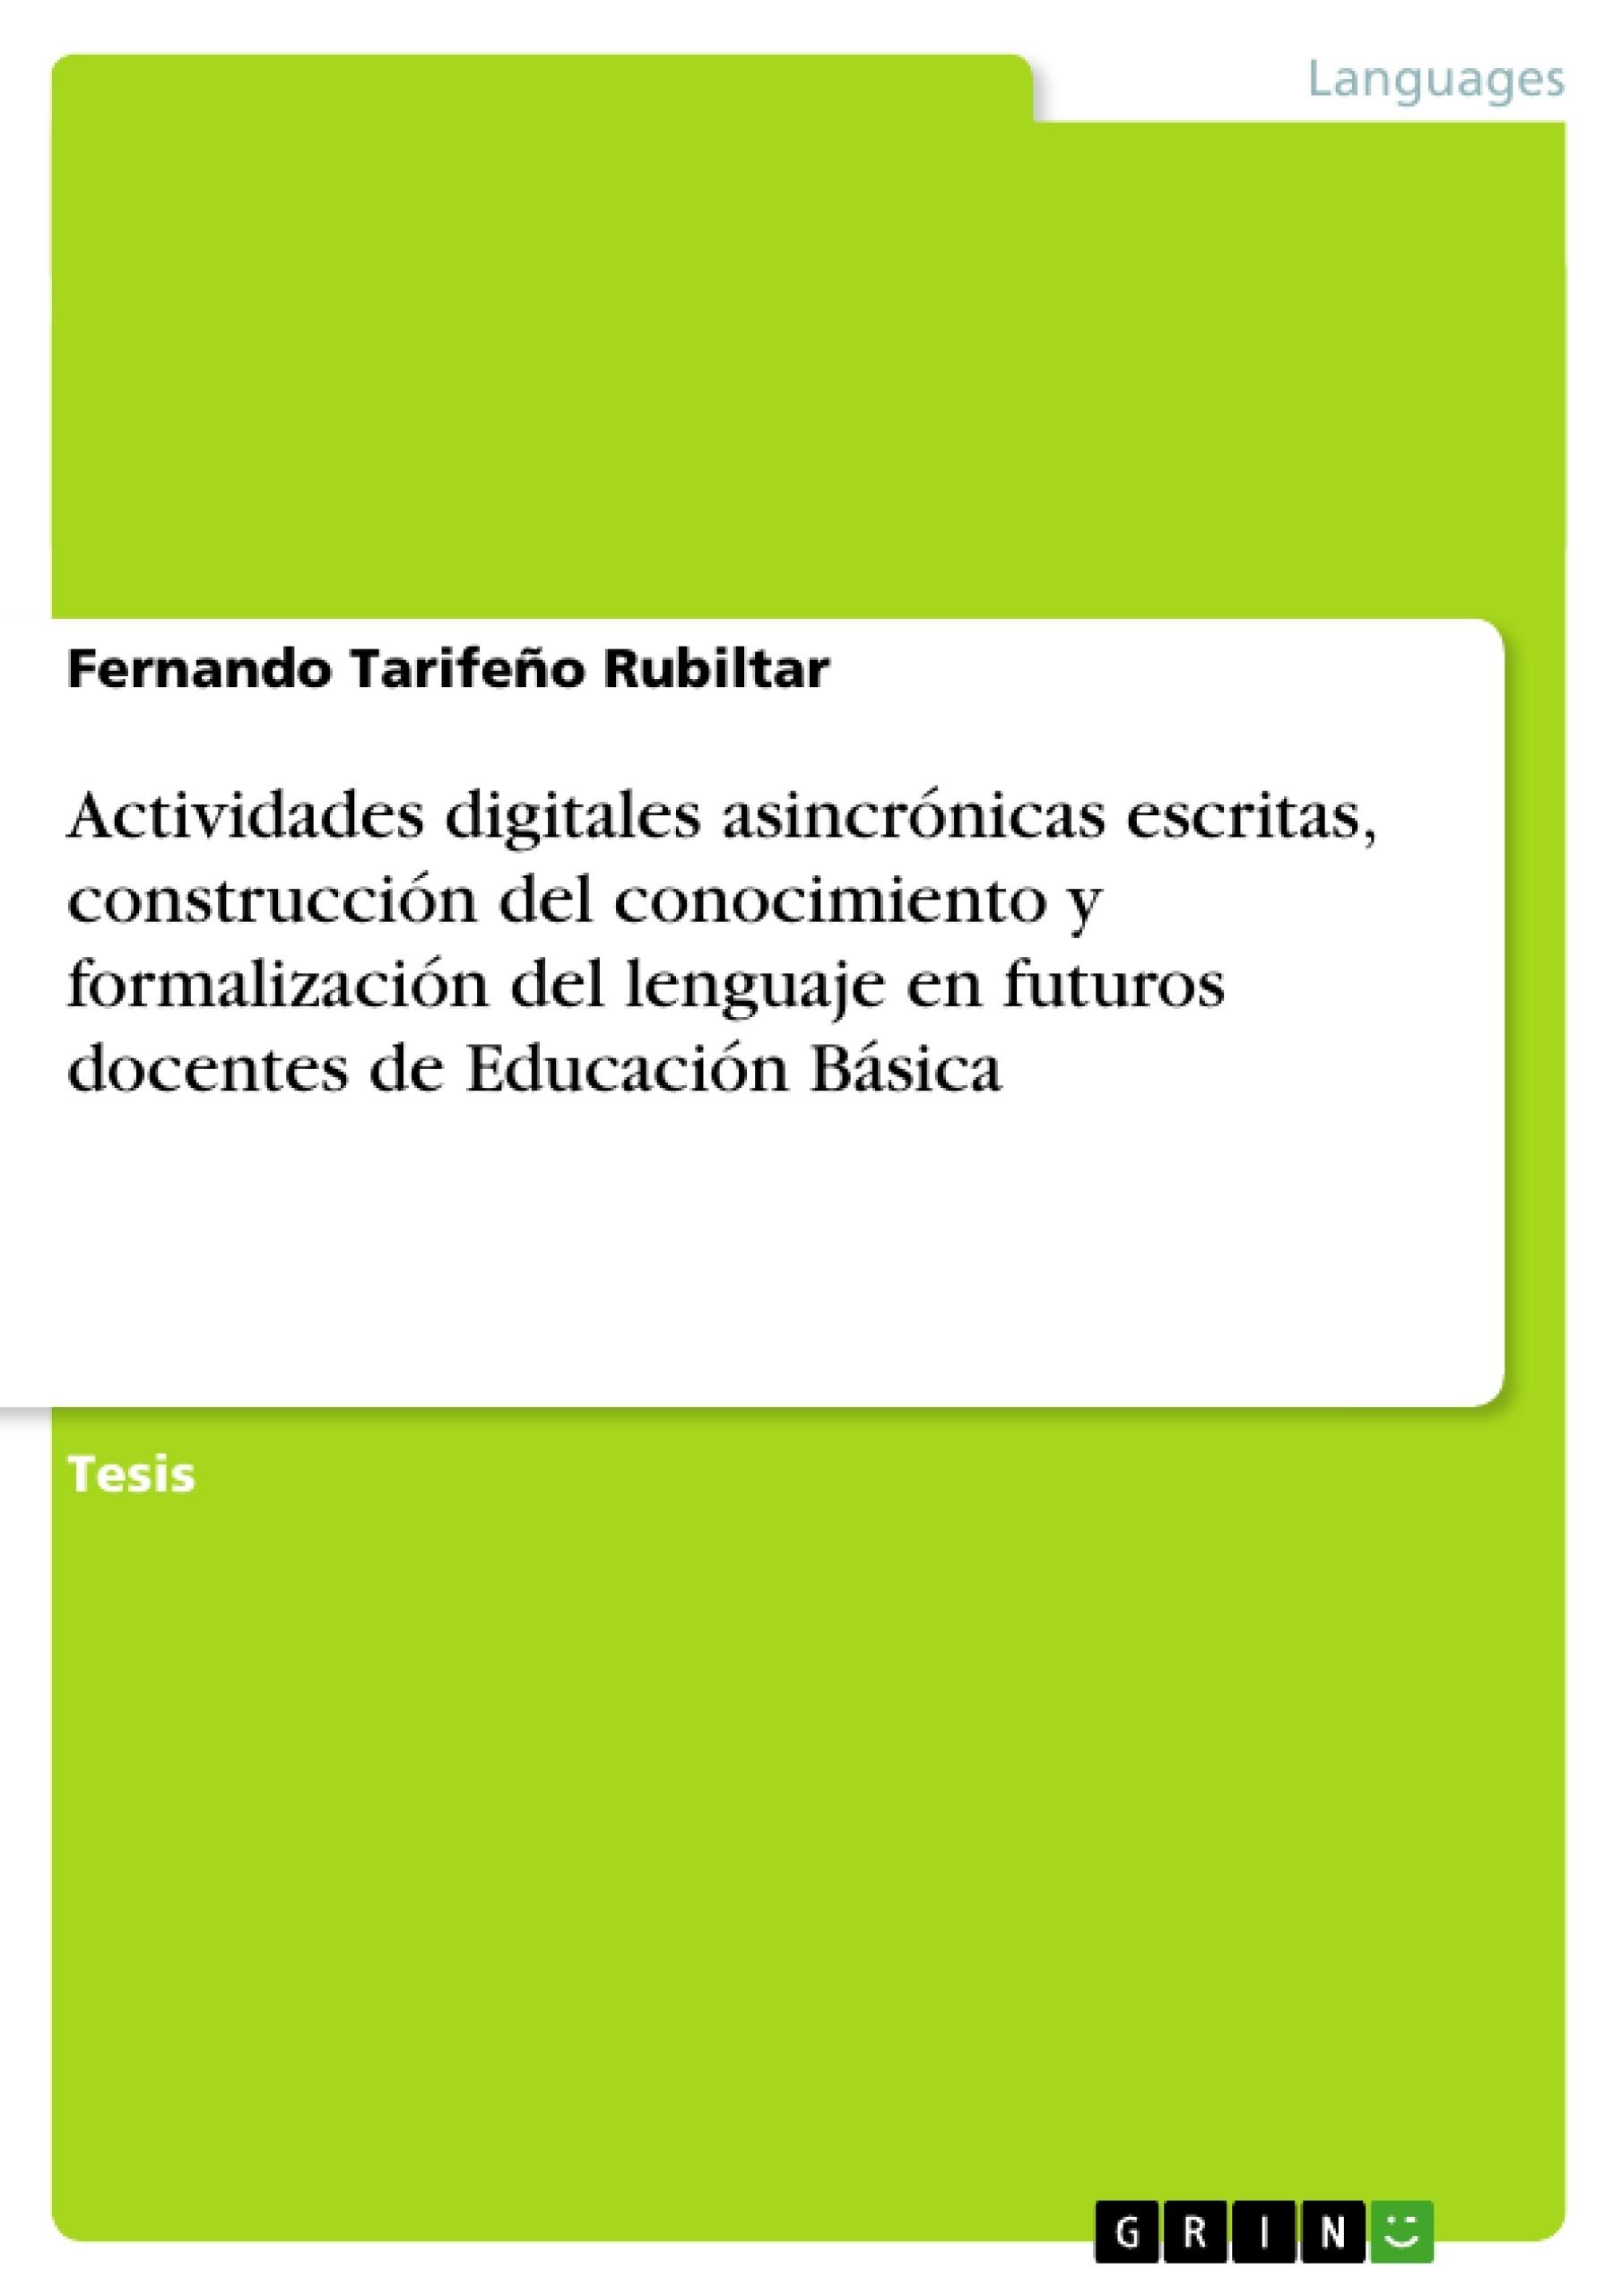 Título: Actividades digitales asincrónicas escritas, construcción del conocimiento y  formalización del lenguaje en futuros docentes de Educación Básica